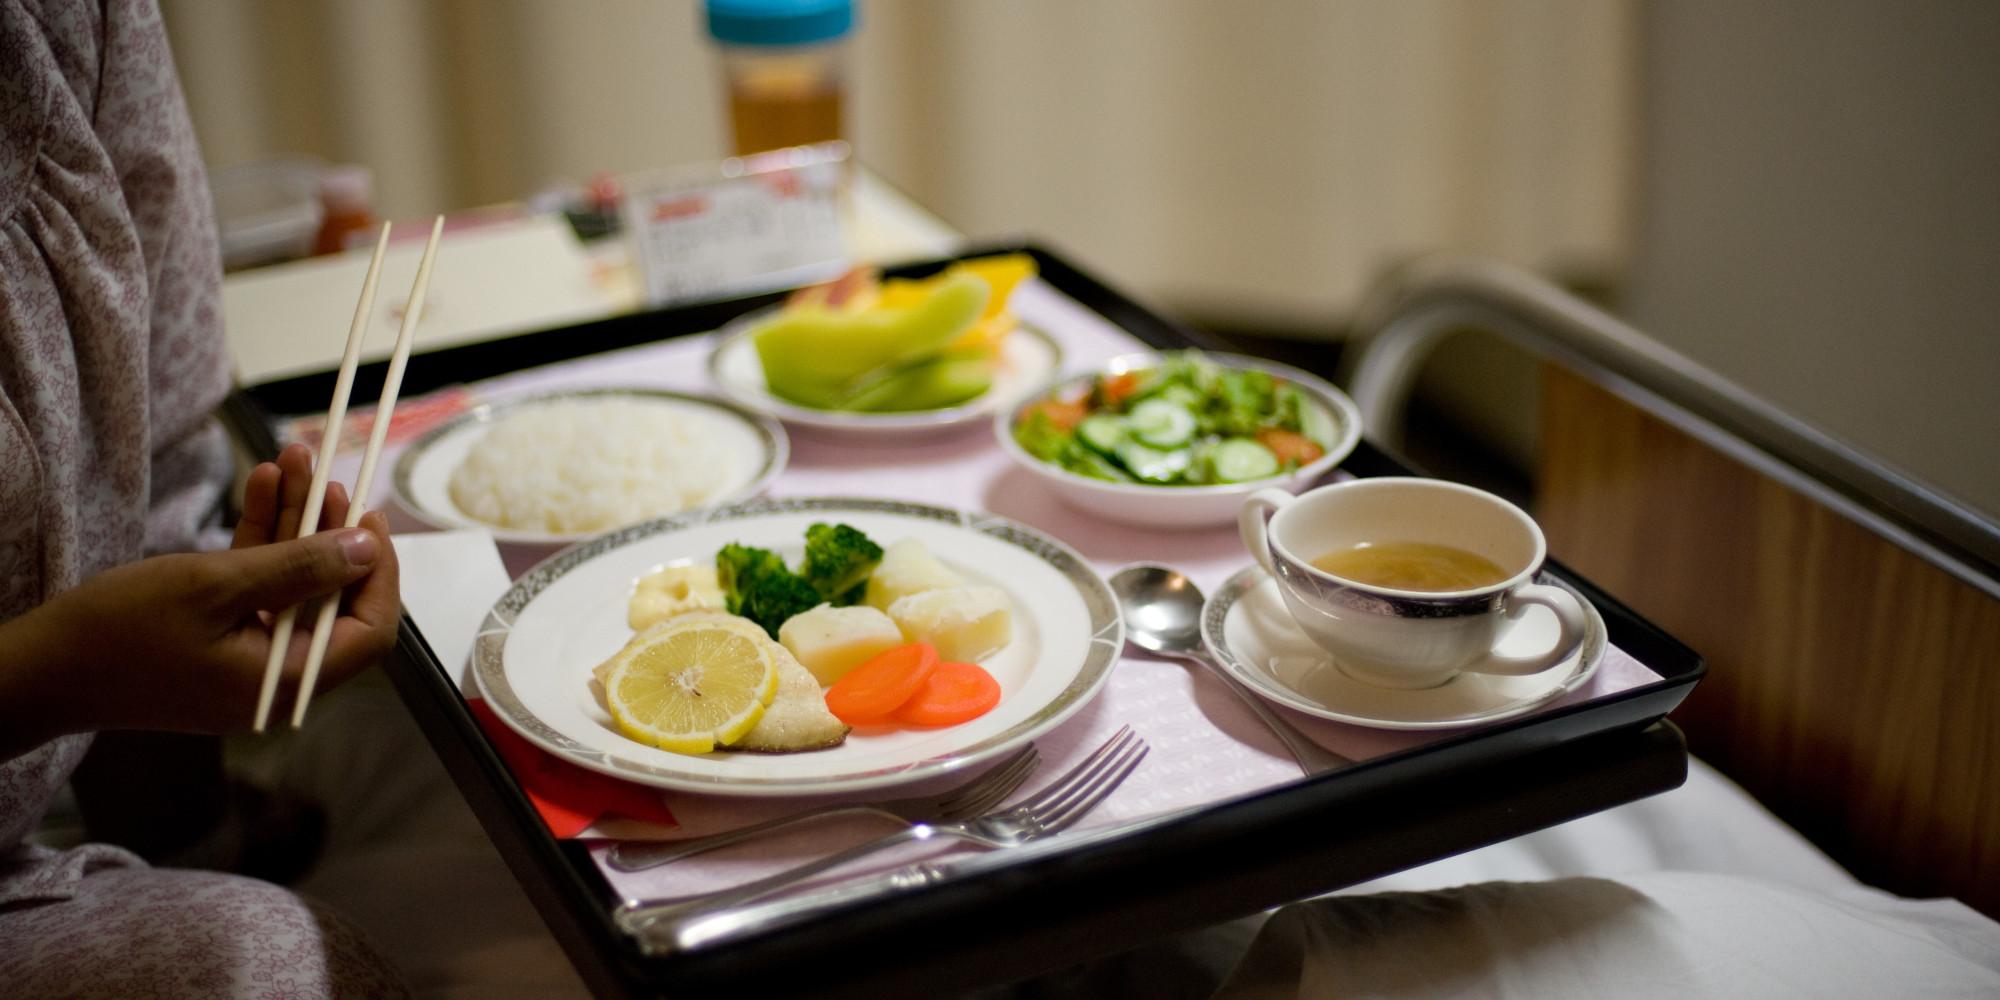 """Πλαφόν και στα τρόφιμα στα Νοσοκομεία! Δείτε το """"κούρεμα"""" στο Ιπποκράτειο"""